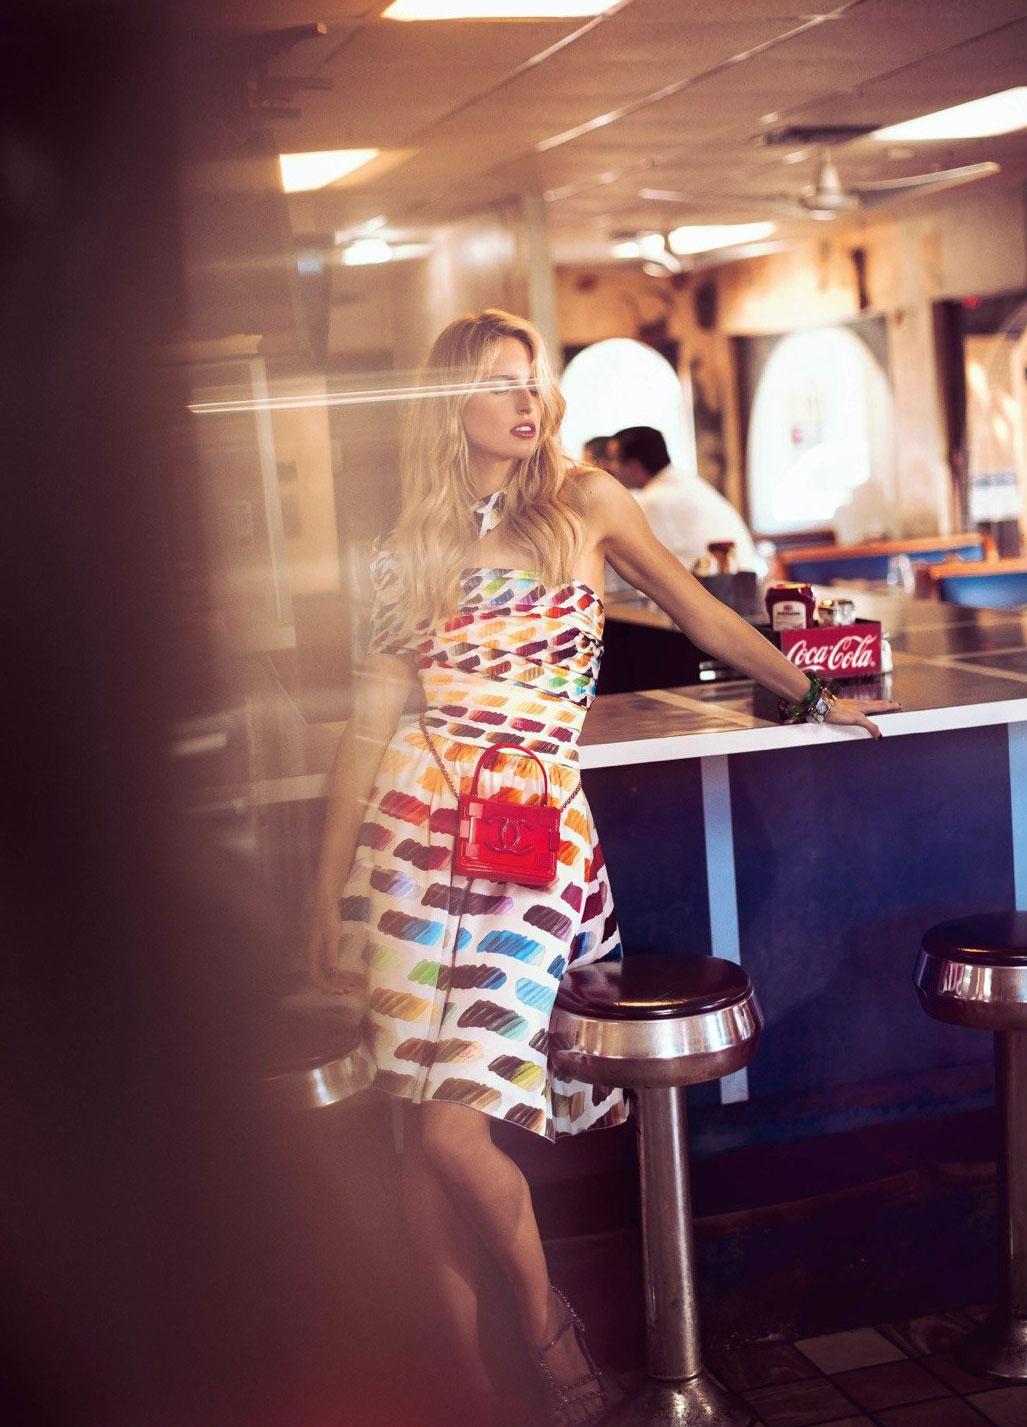 Karolina Kurkova by Koray Birand / Vogue Mexico april 2014 - photo 07